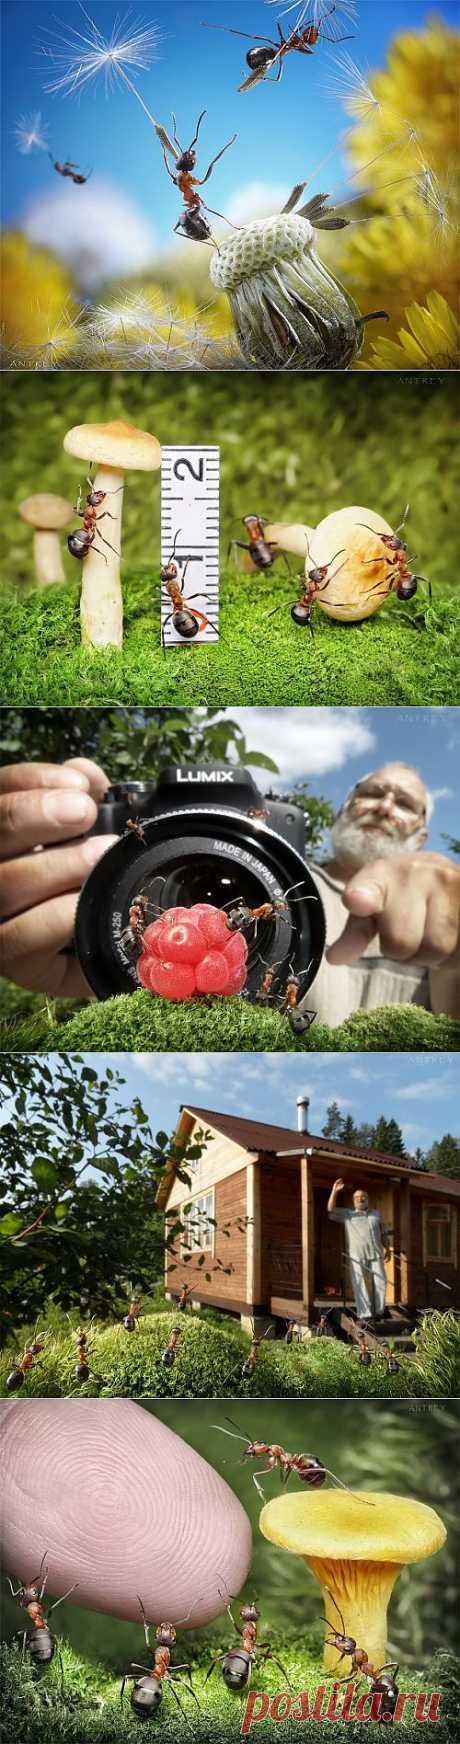 Муравьиные истории. Андрей Павлов (38 фото) » Картины, художники, фотографы на Nevsepic